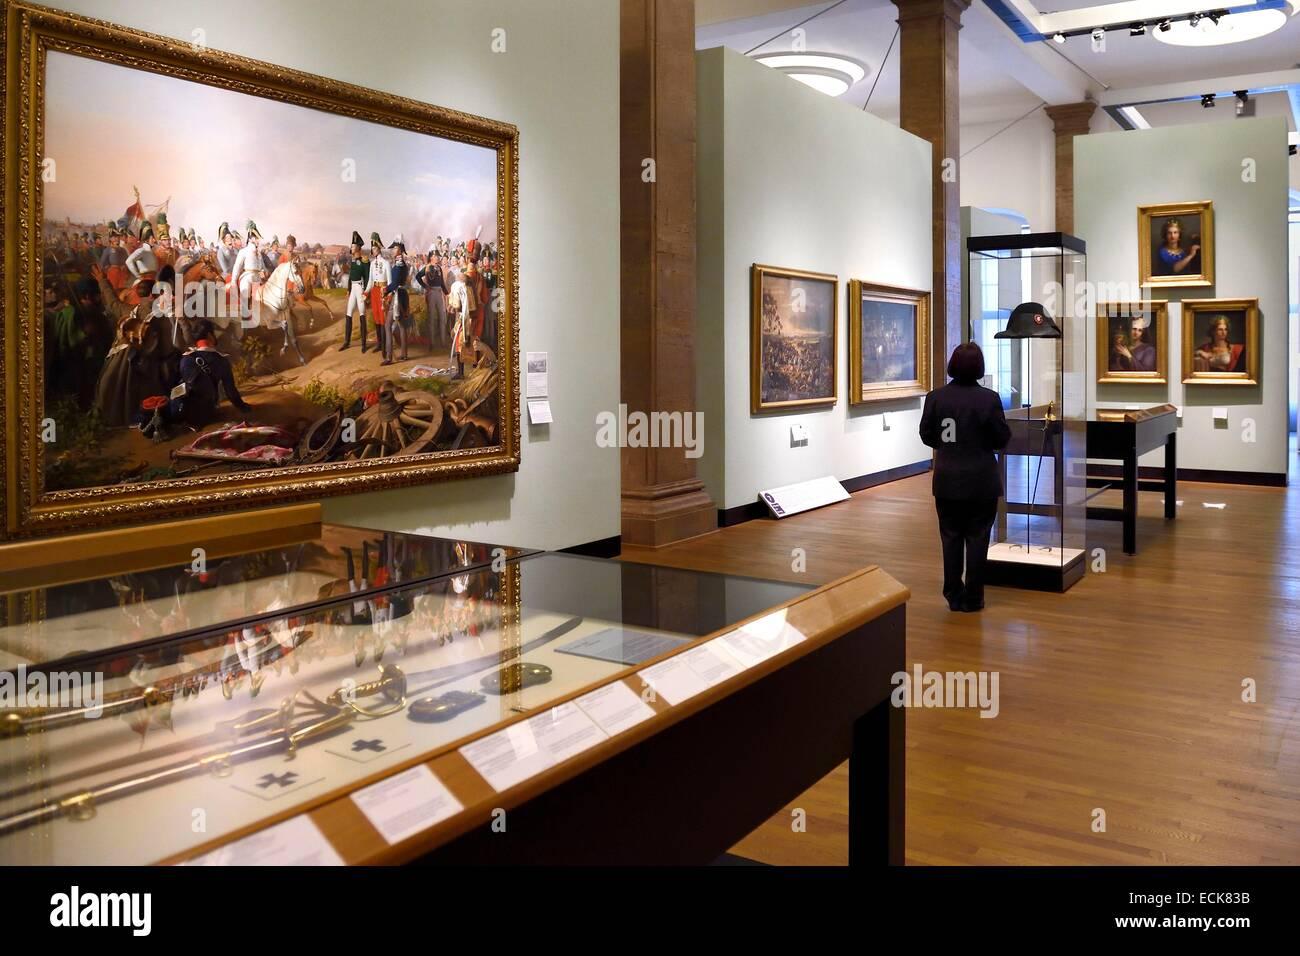 Germany, Berlin, the Deutsches Historisches Museum (German Historical Museum), Napoleonic epopee - Stock Image